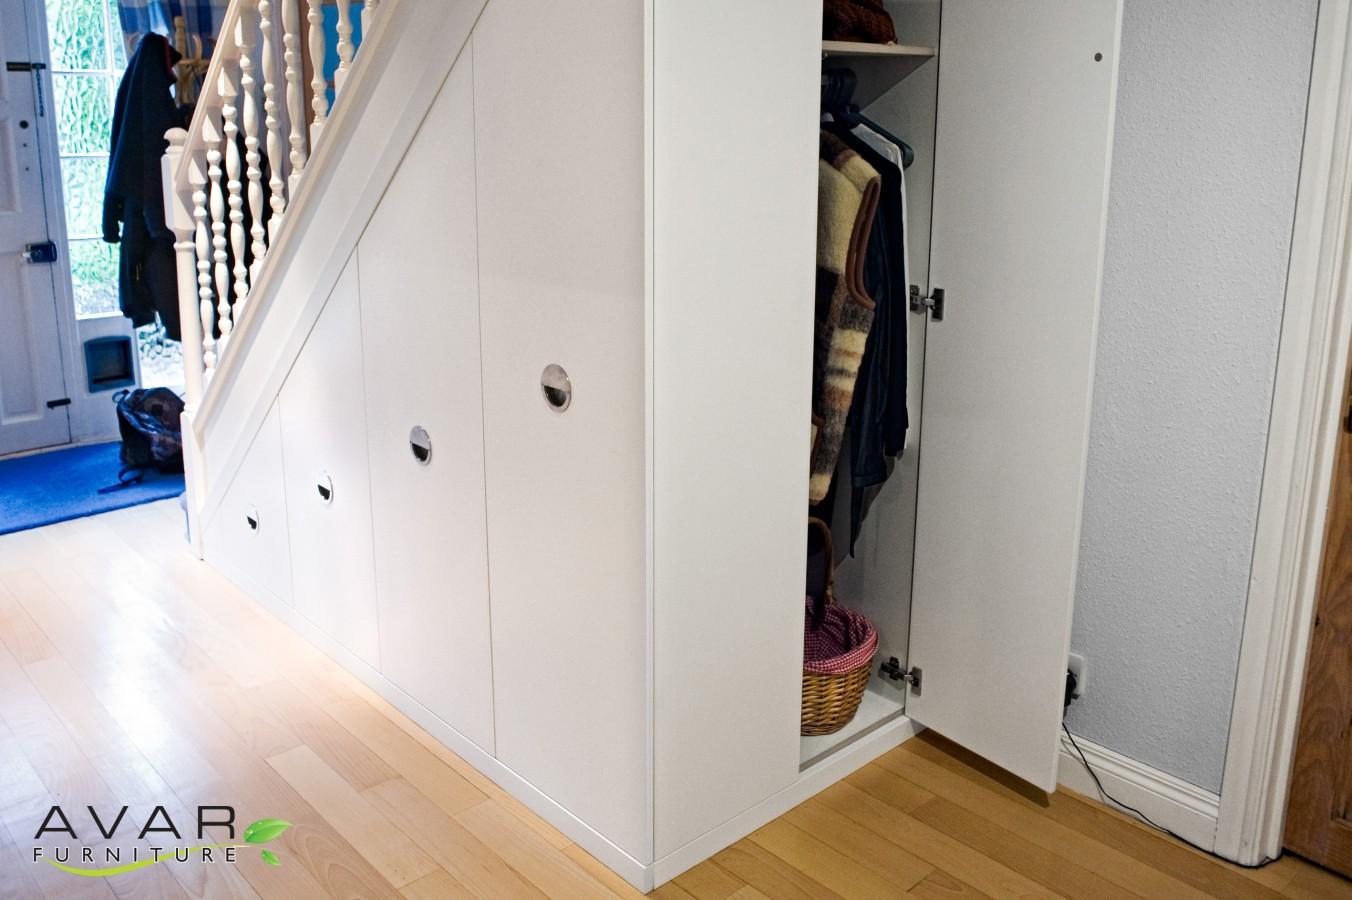 ƸӜƷ Under Stairs Storage Ideas Gallery 21 North London